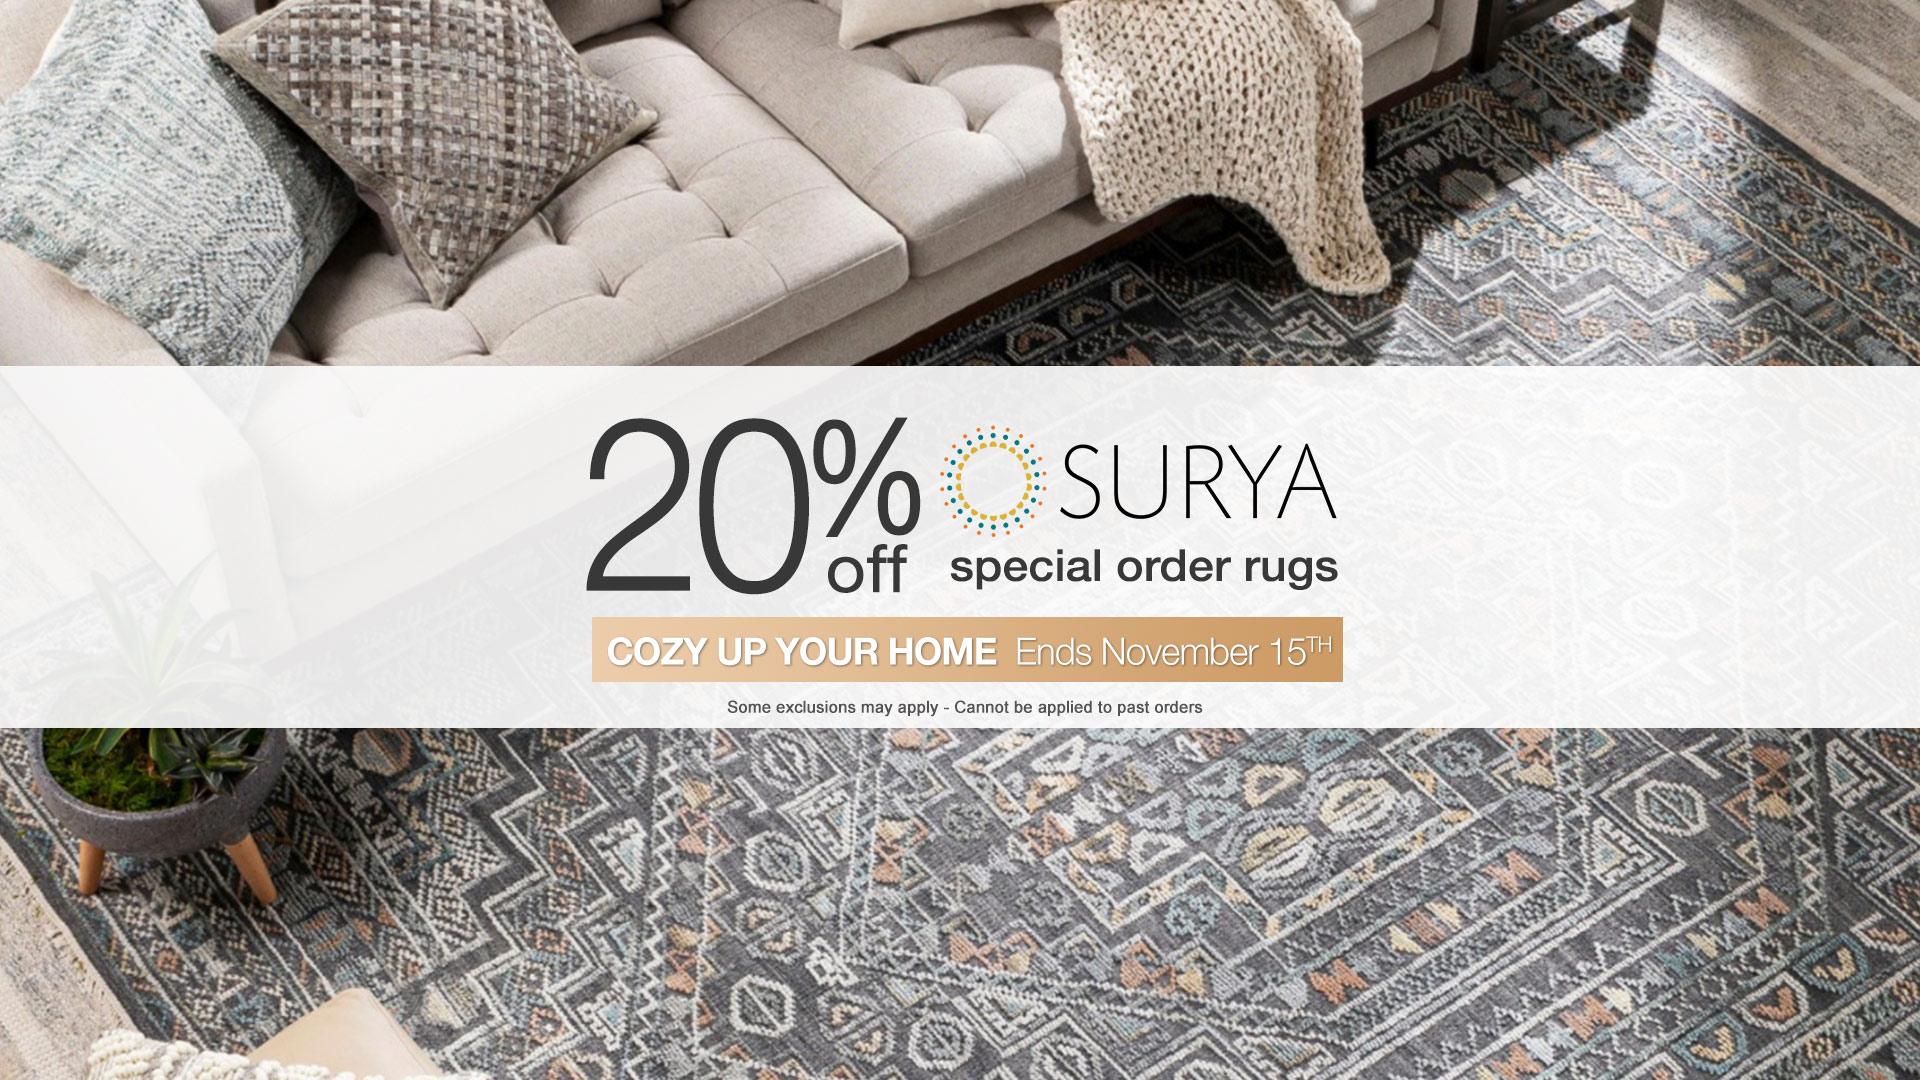 Surya rug sale coulters furniture october 2021 slider Home